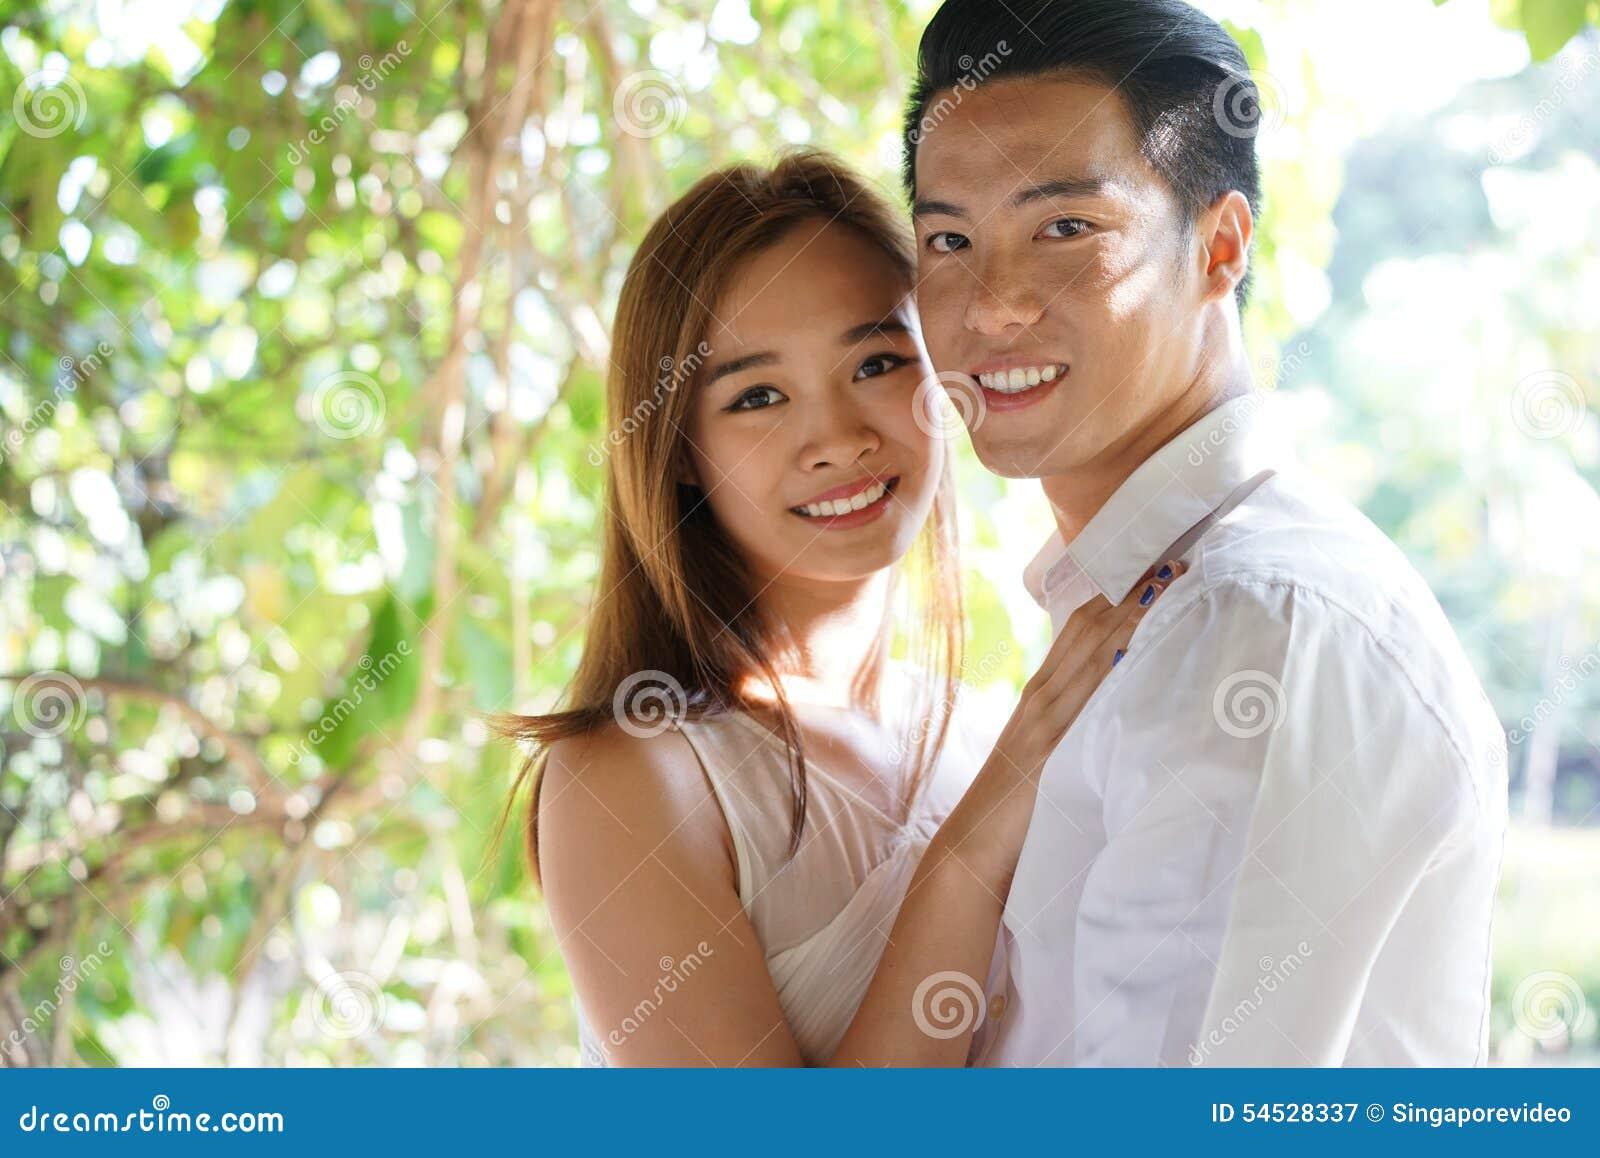 Asiatische Datierung weißer Kerl Haken mit meinem Ex